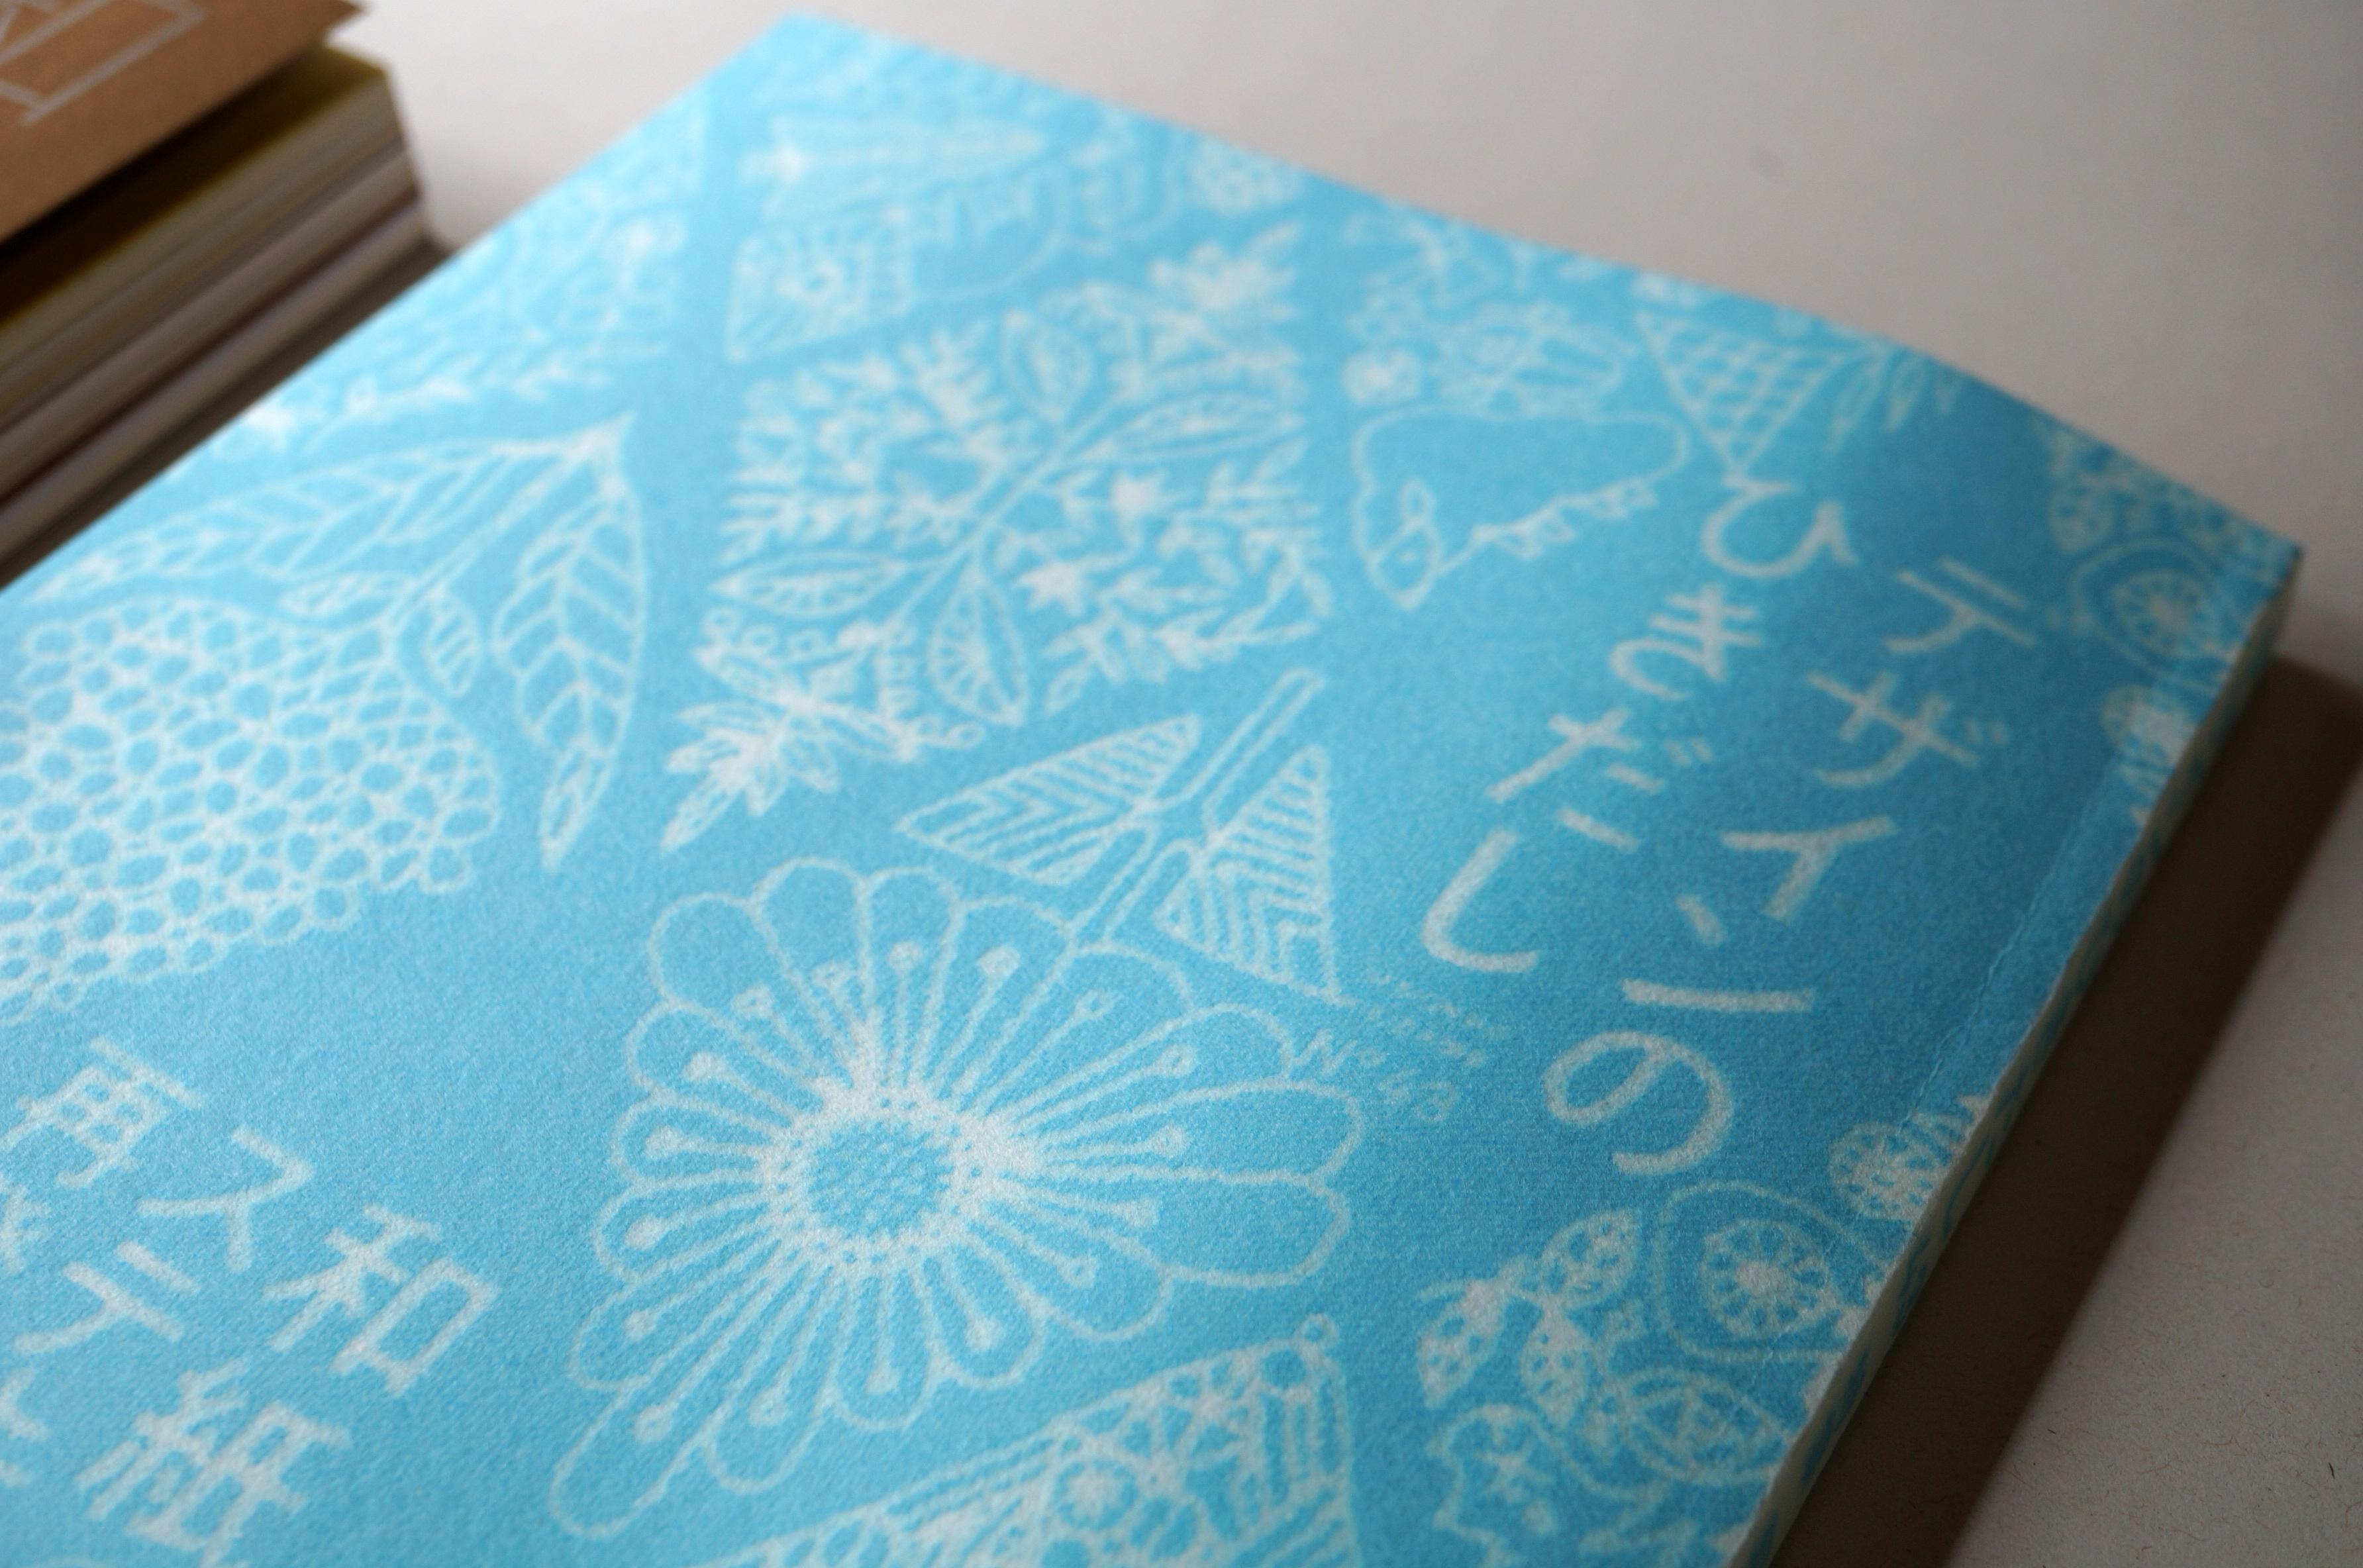 デザインのひきだし№43に小野商店が手掛けた各種和紙製品が掲載中です。